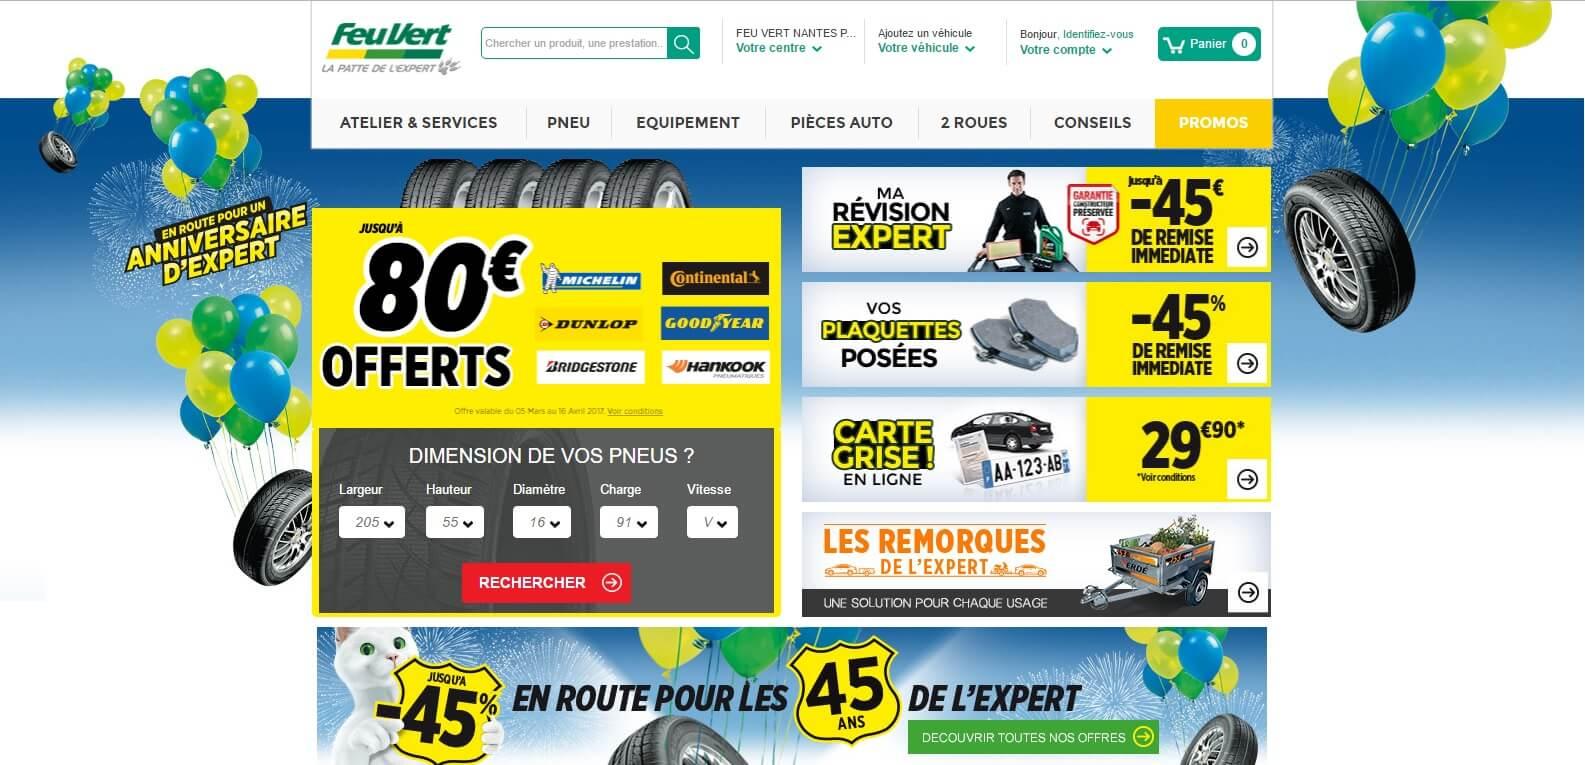 Page d'accueil du site Feu vert.